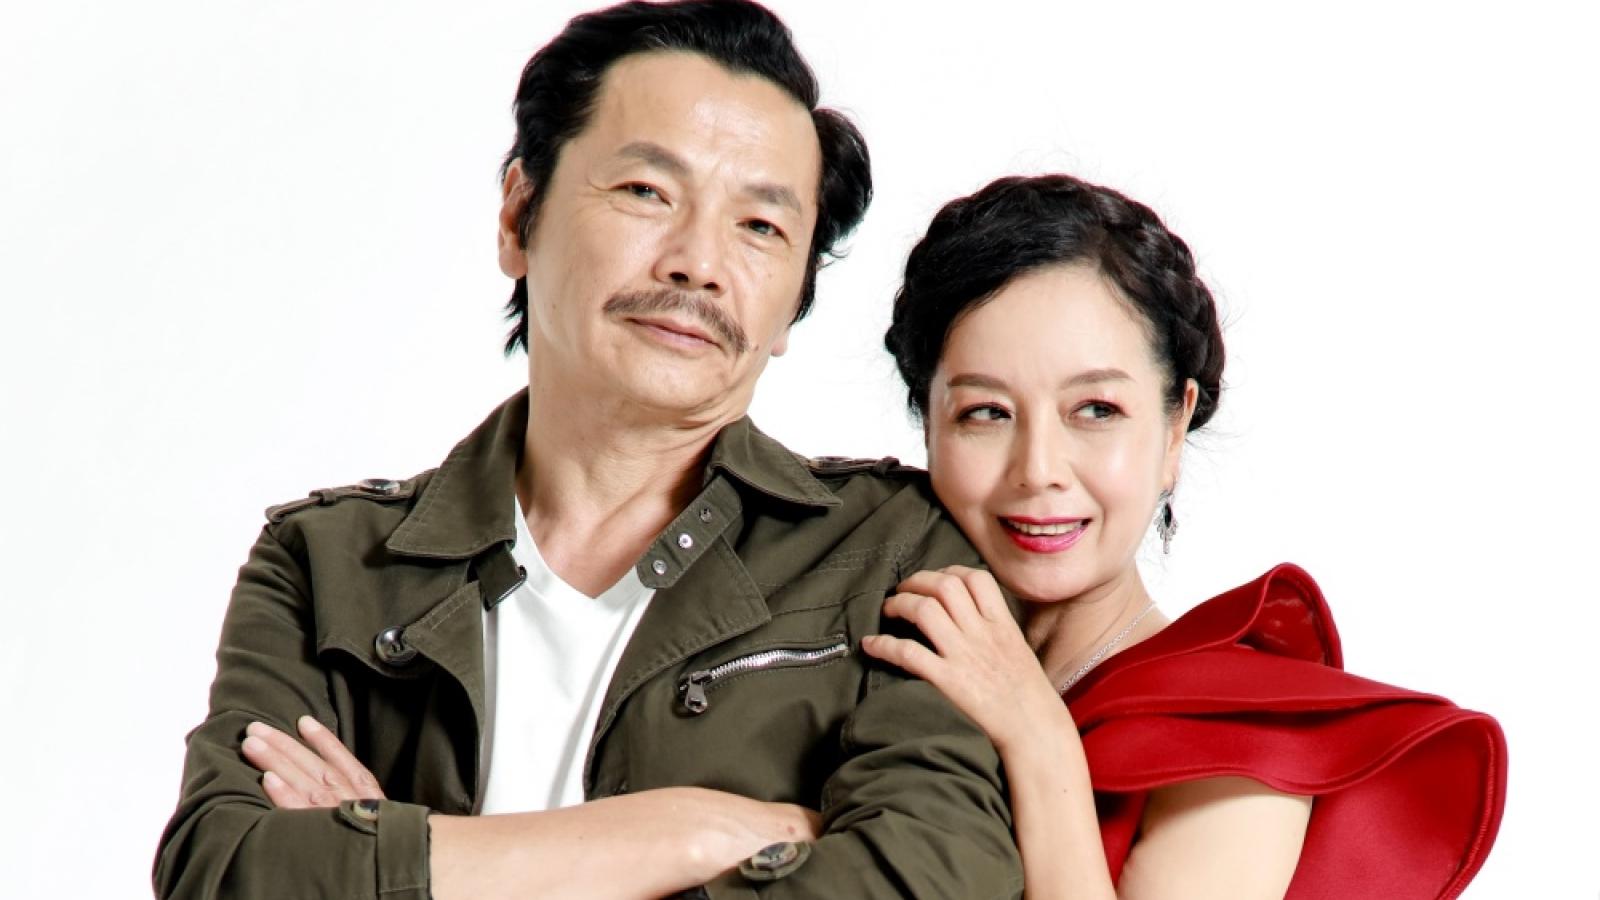 NSND Trung Anh gây bất ngờ với vai diễn ngoại tình cùng NSƯT Chiều Xuân